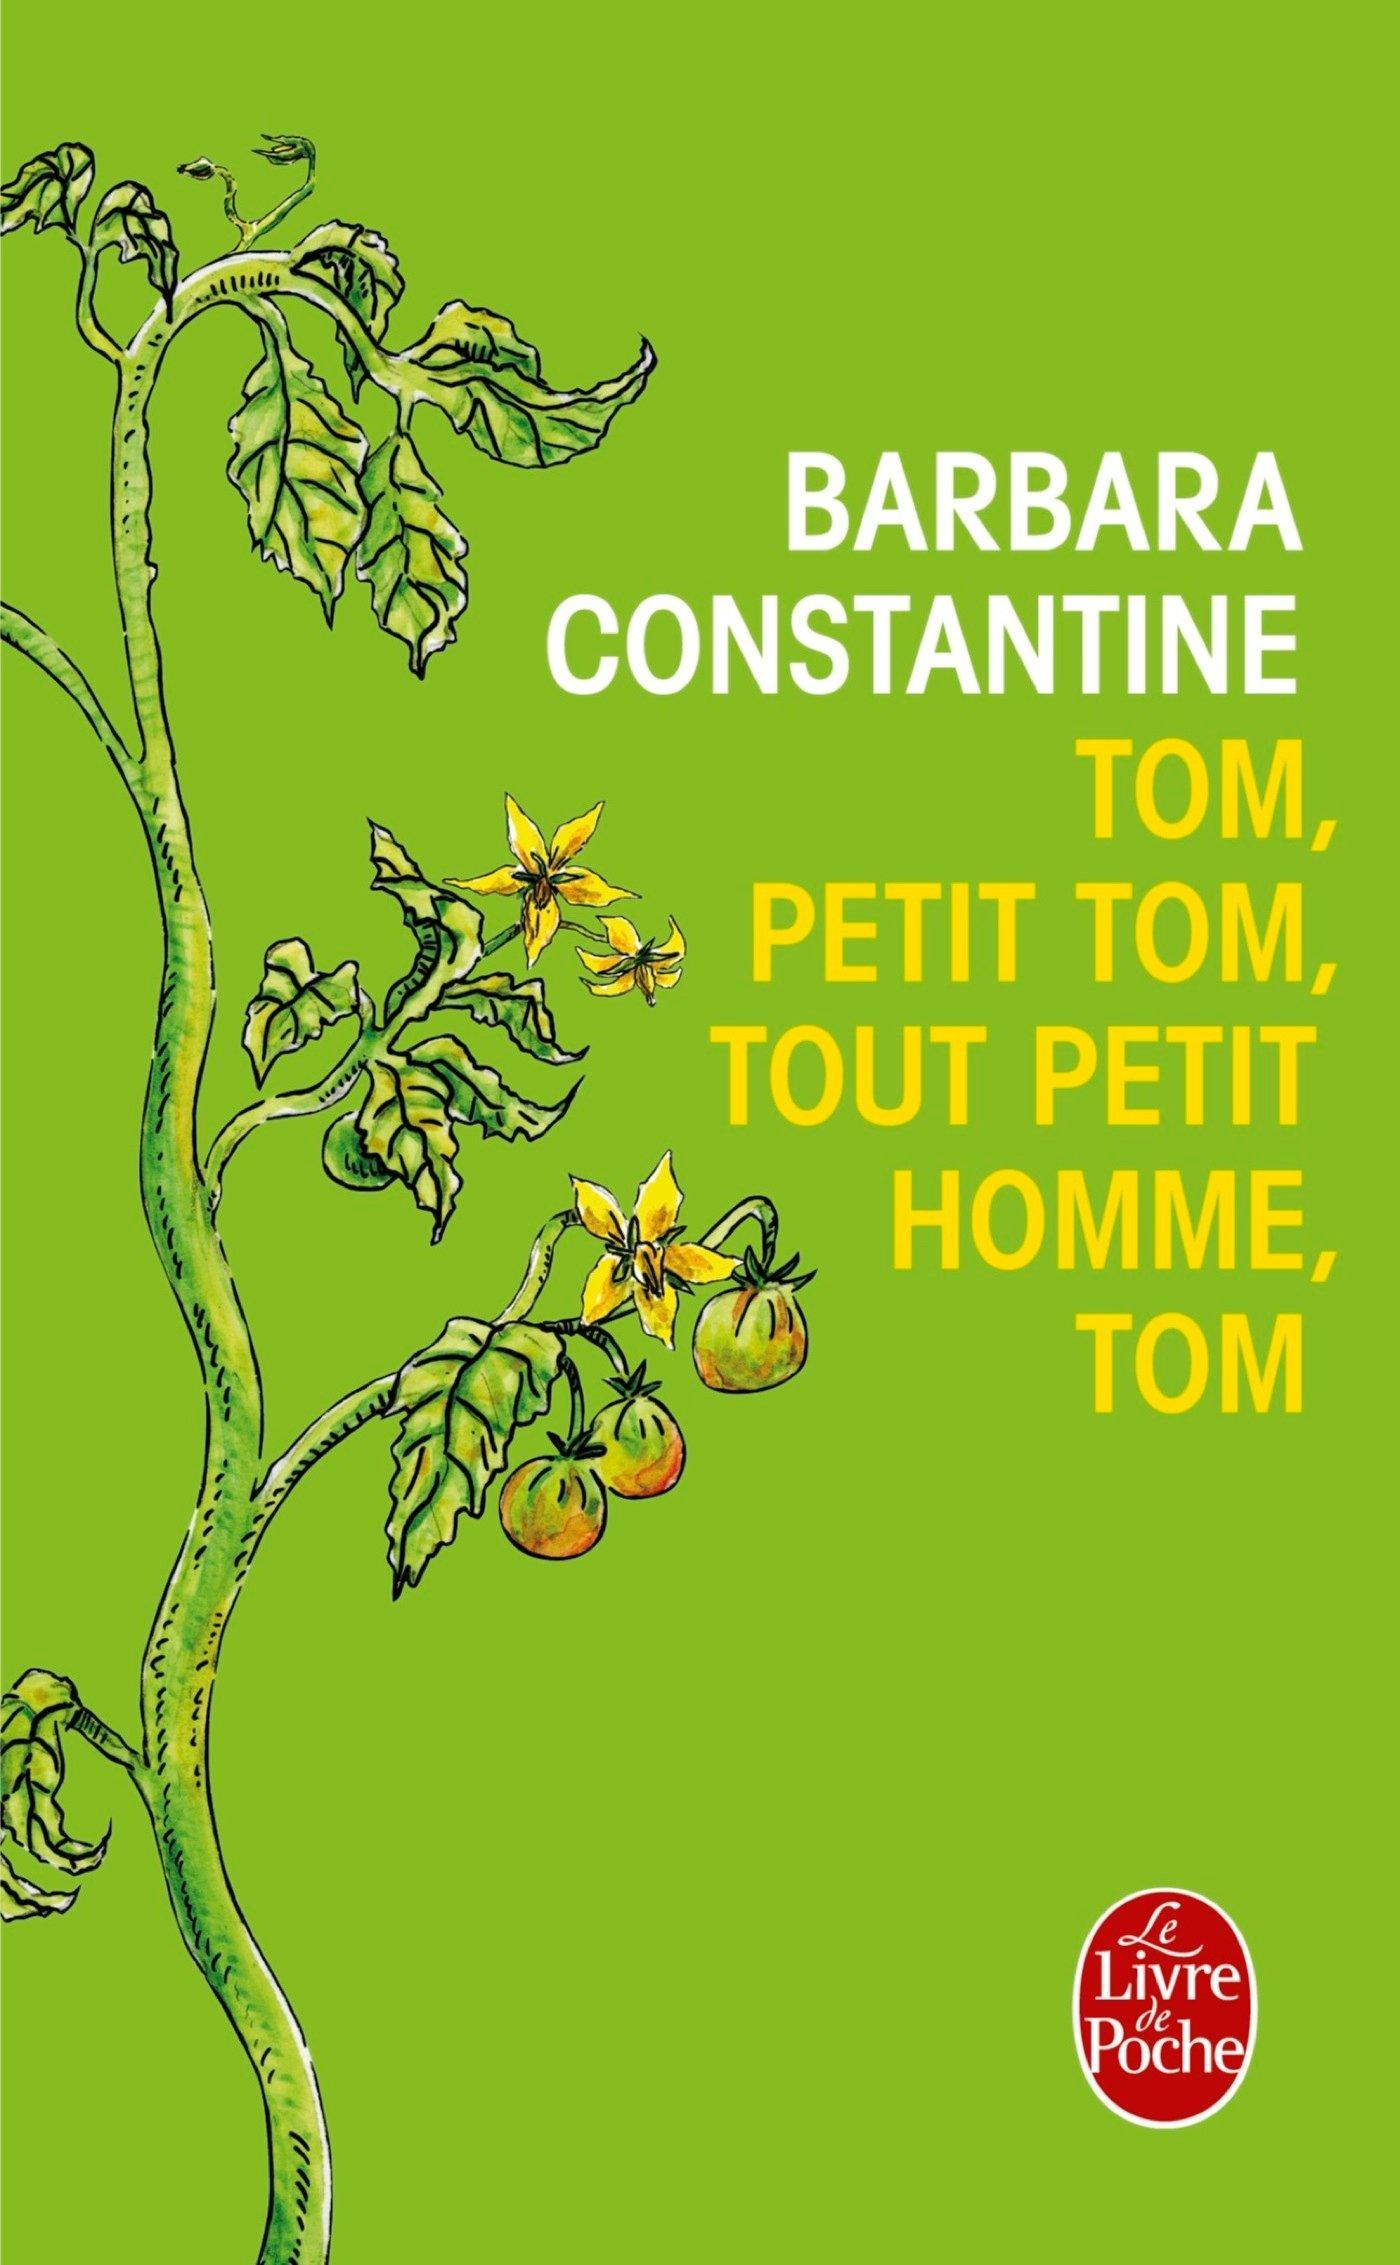 Tom, tout petit homme, Tom - Barbara Constantine - Le Livre de Poche